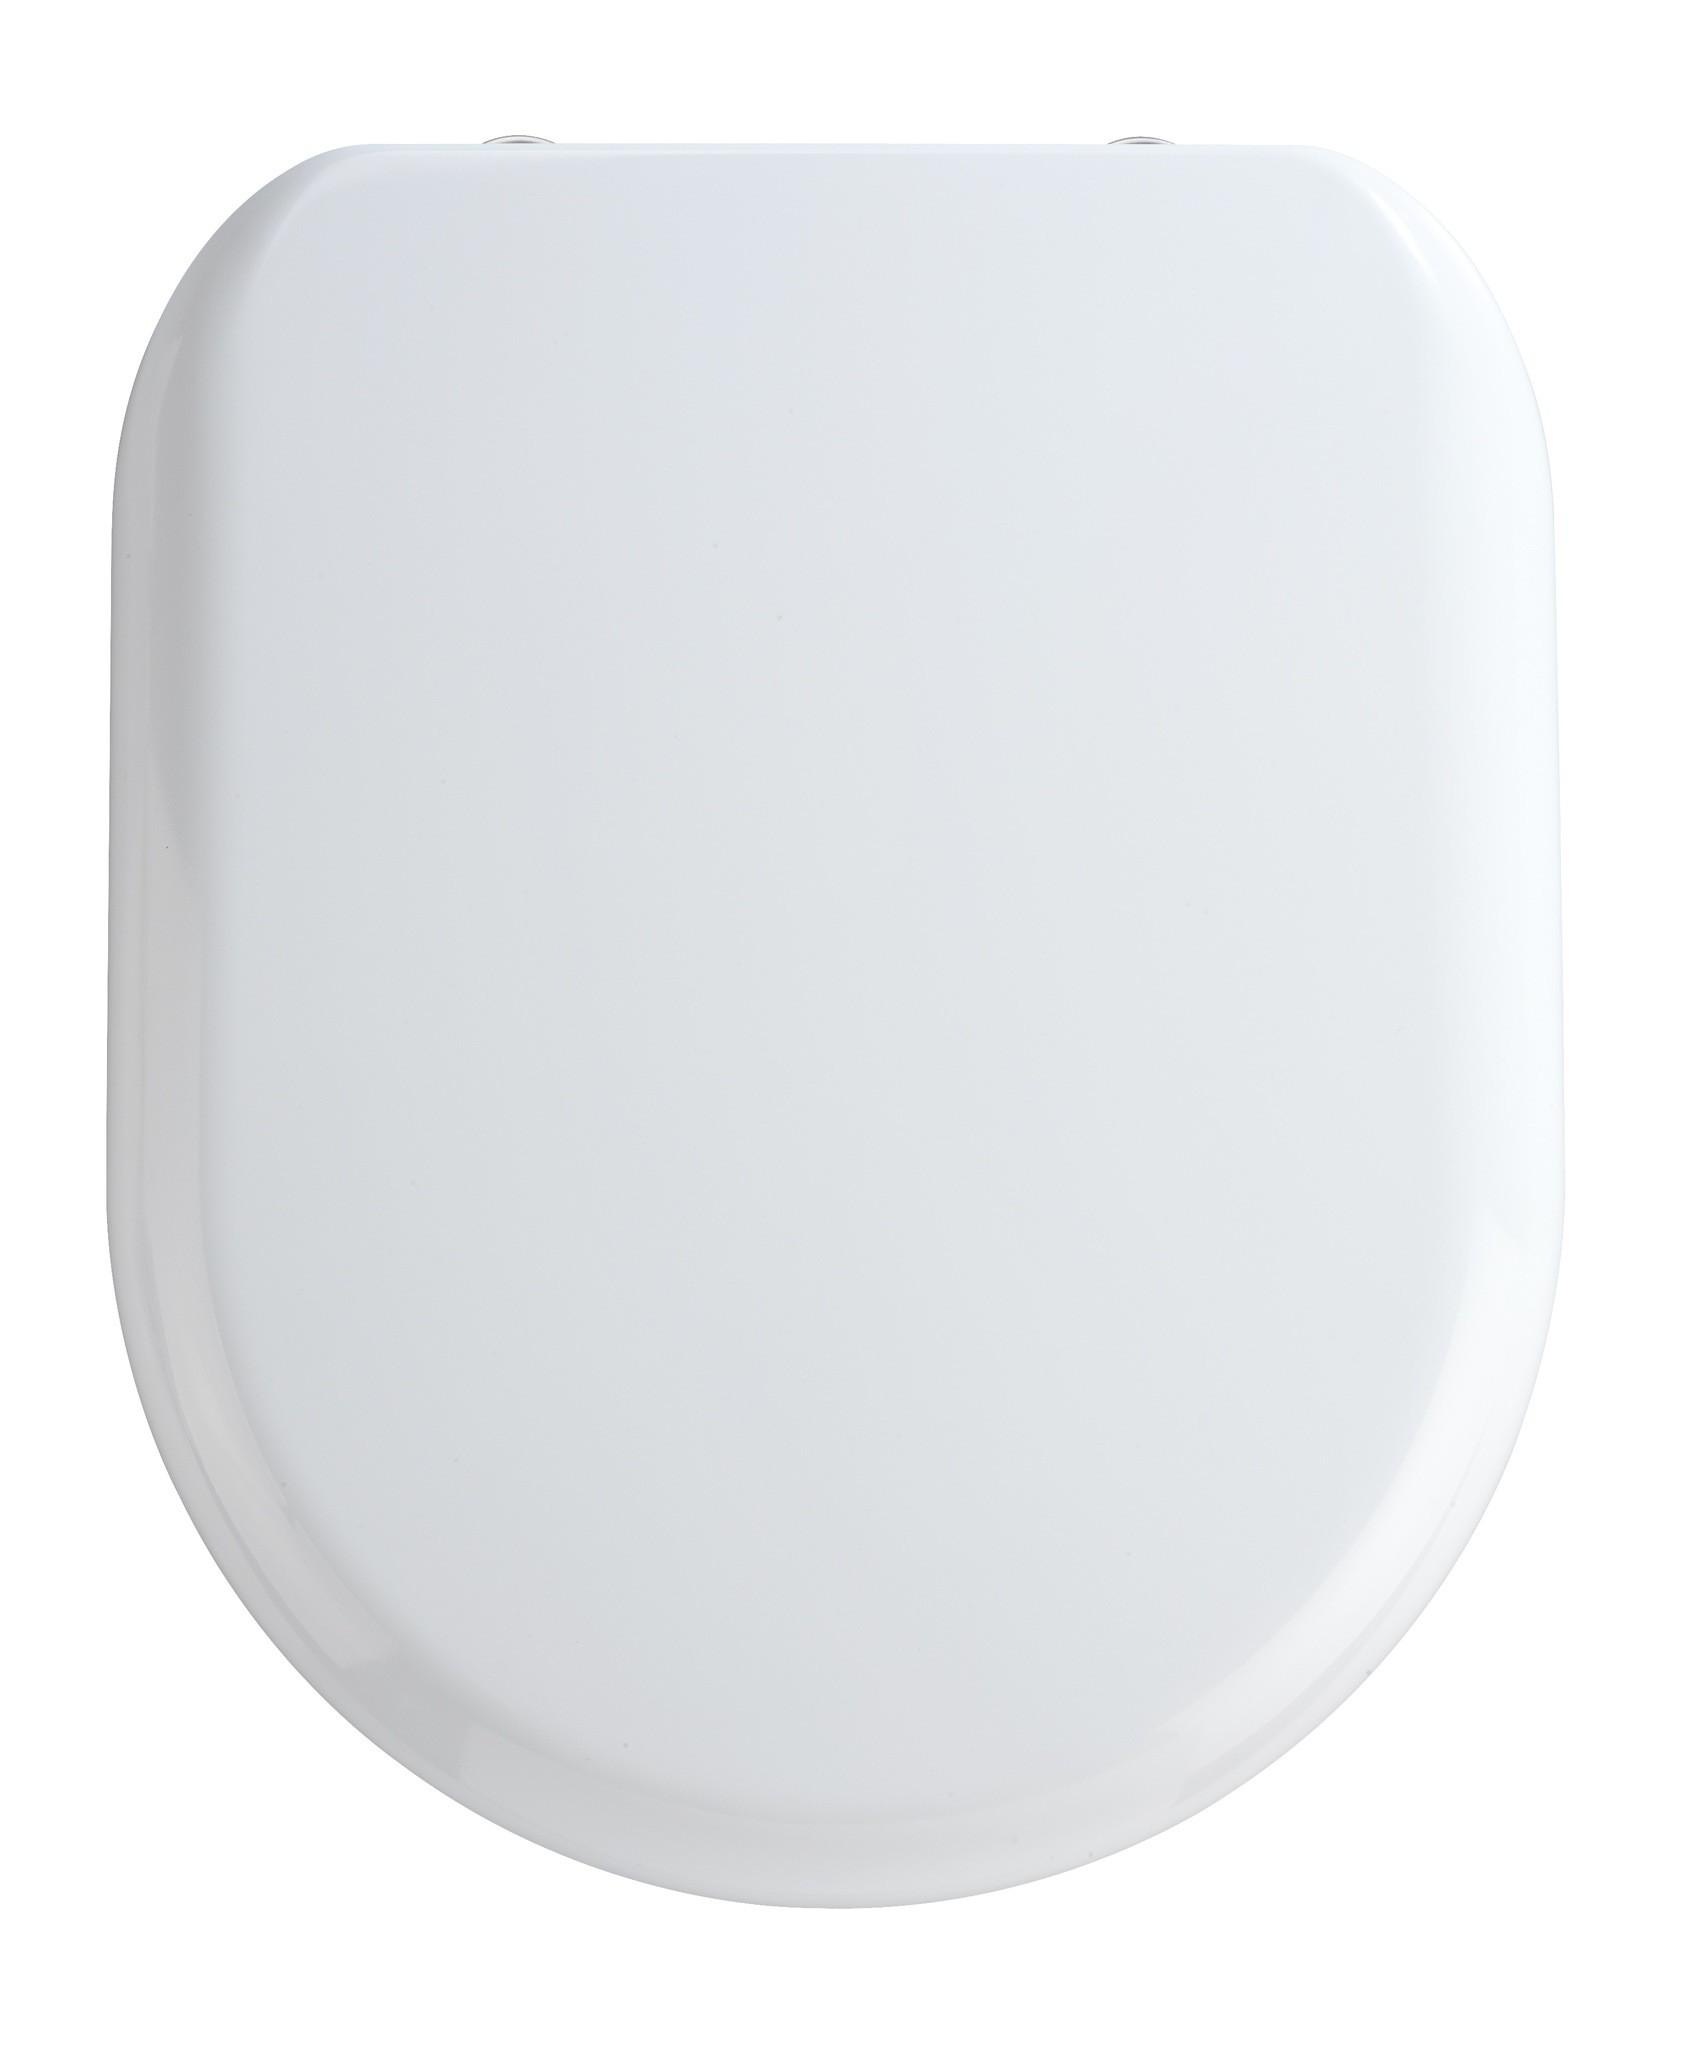 Wenko Premium WC-Sitz Santana, Duroplast weiß, mit Absenkautomatik